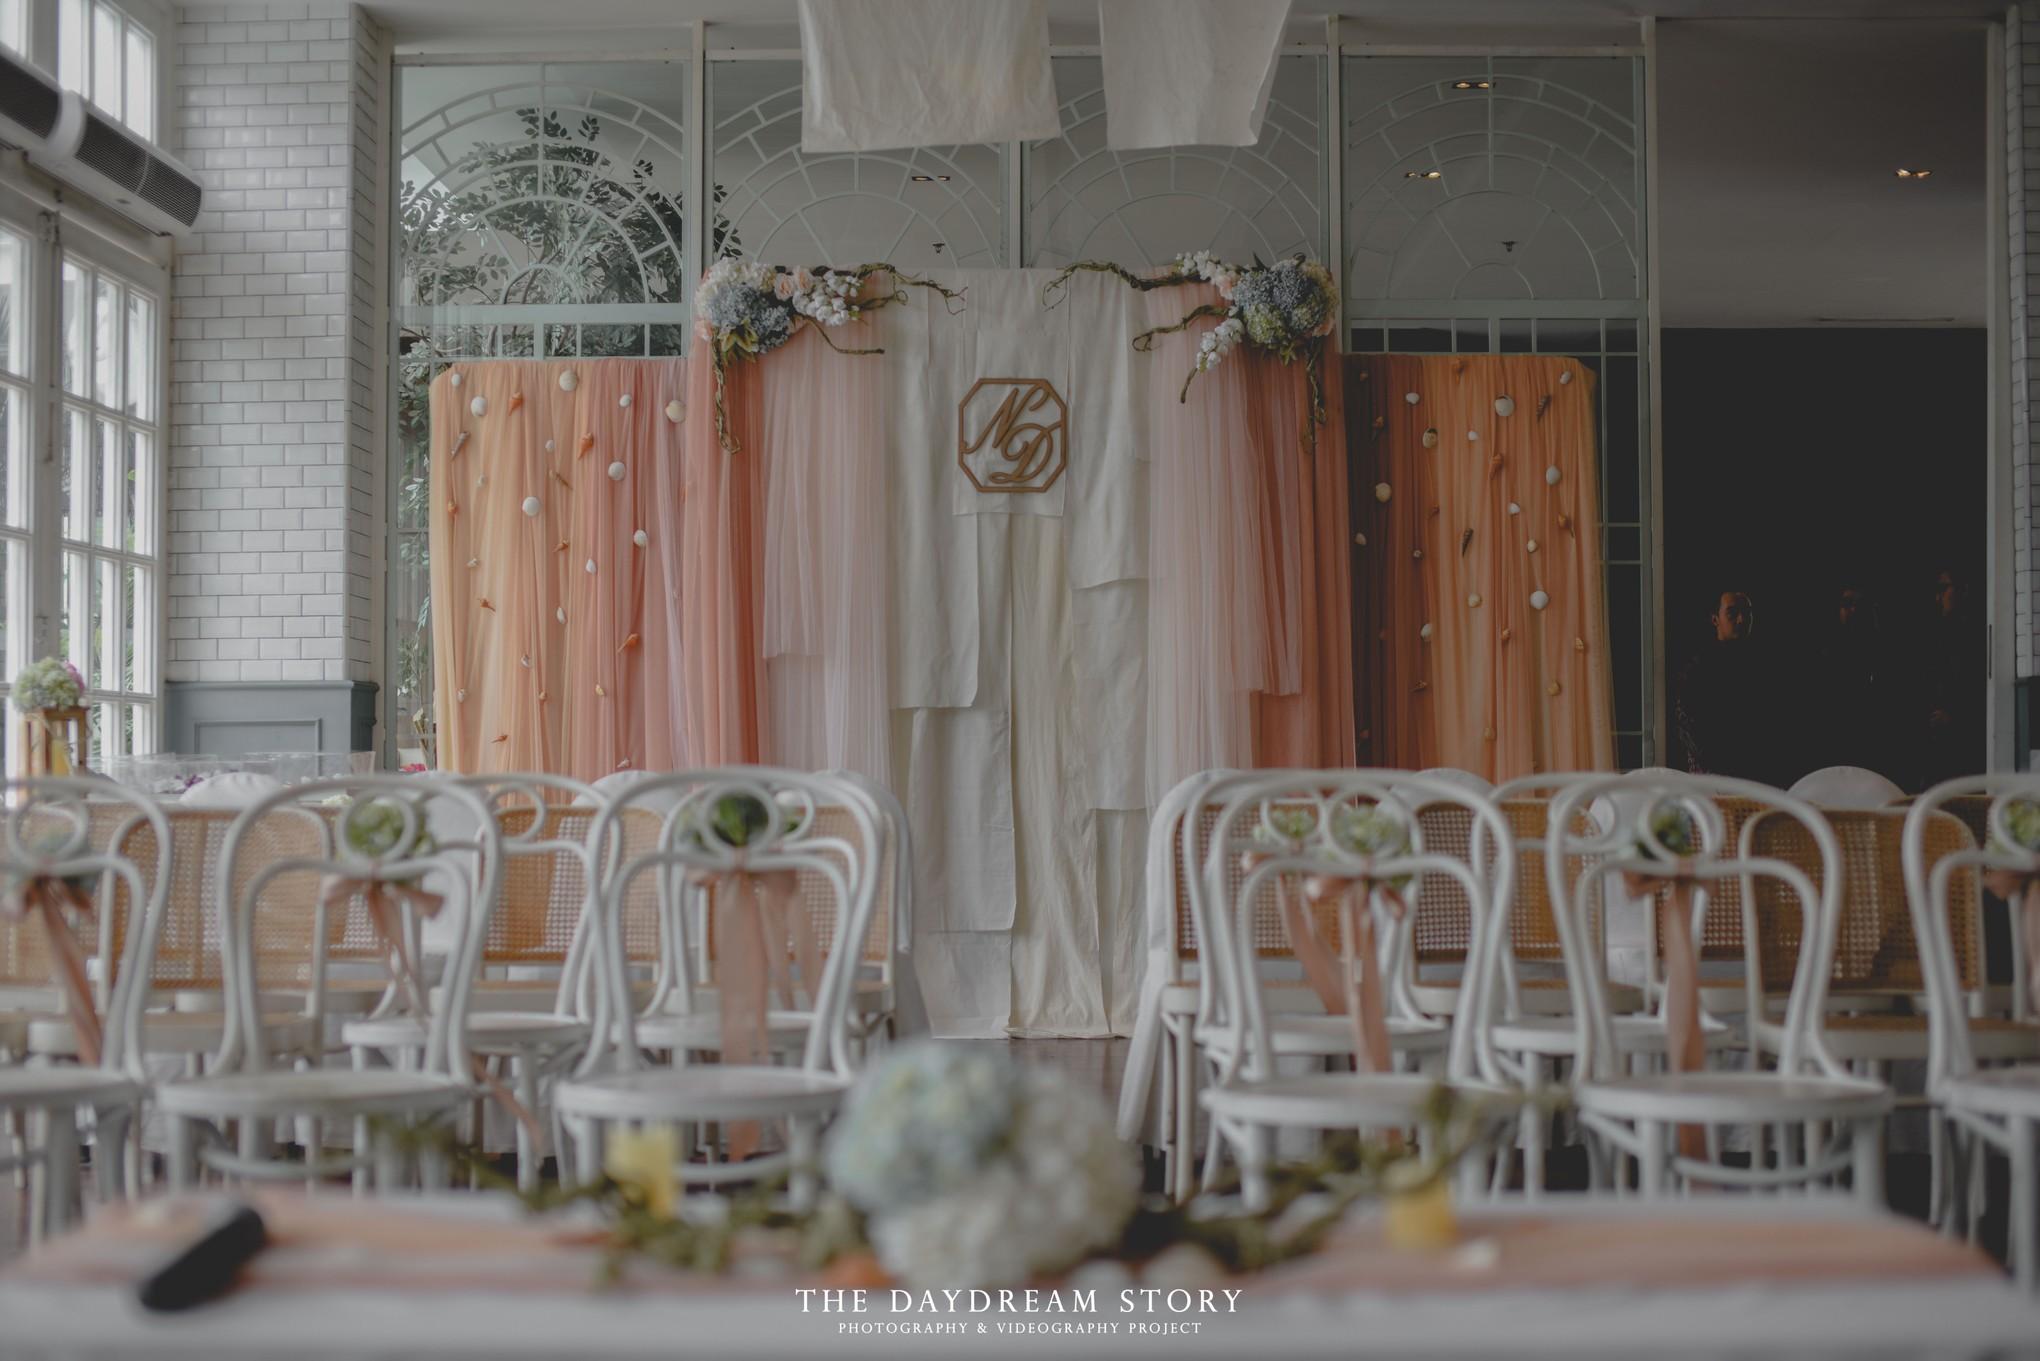 Ingin menghadirkan suasana yang lebih hangat pada dekorasi tunangan yang serba putih sampai kursi yang disediakan untuk tamu undangan